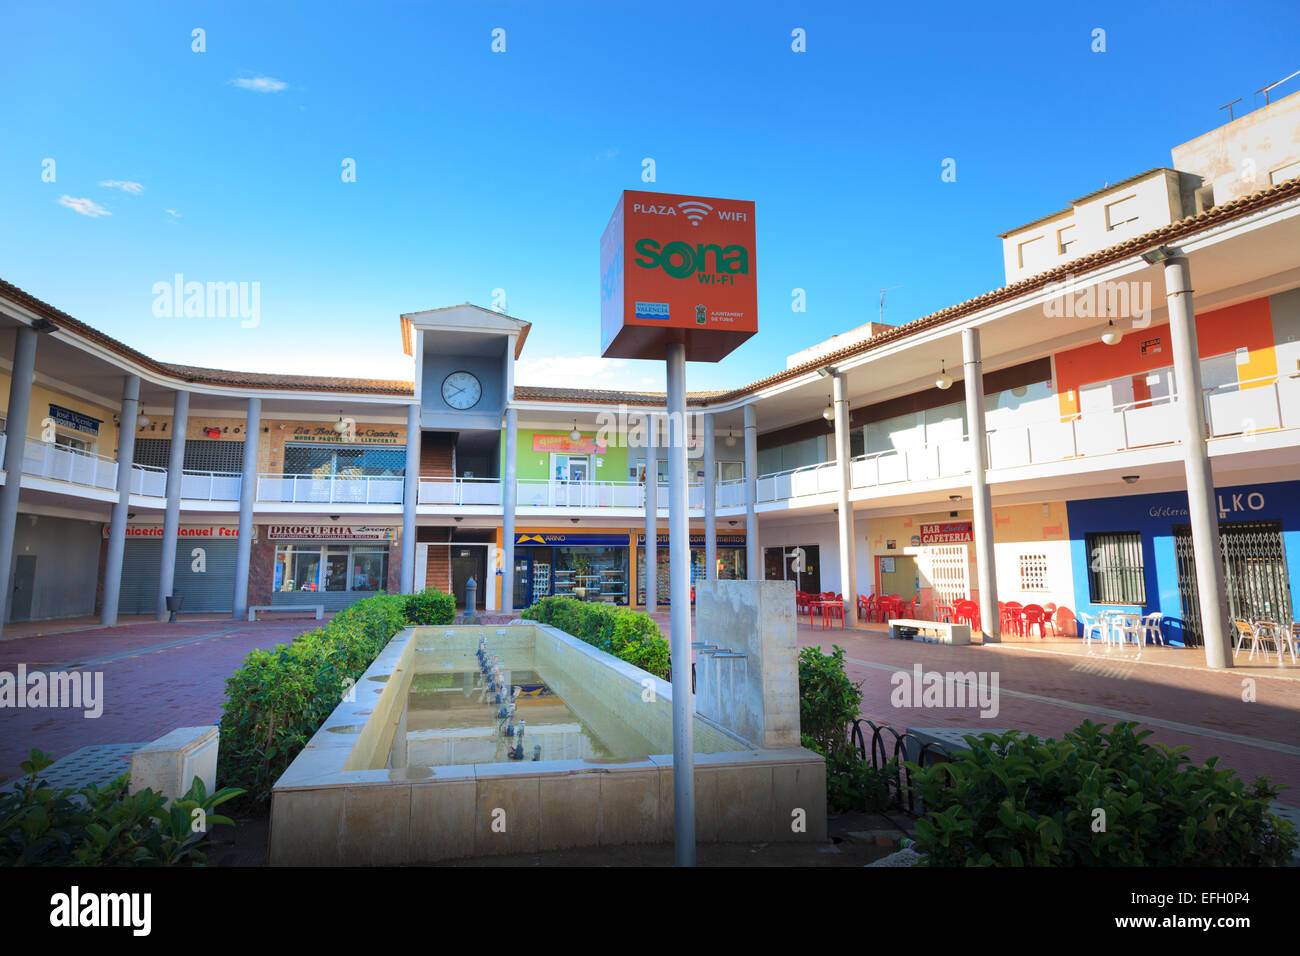 Plaza Vicent Ribes con ciudad signo punto Wi-Fi Imagen De Stock